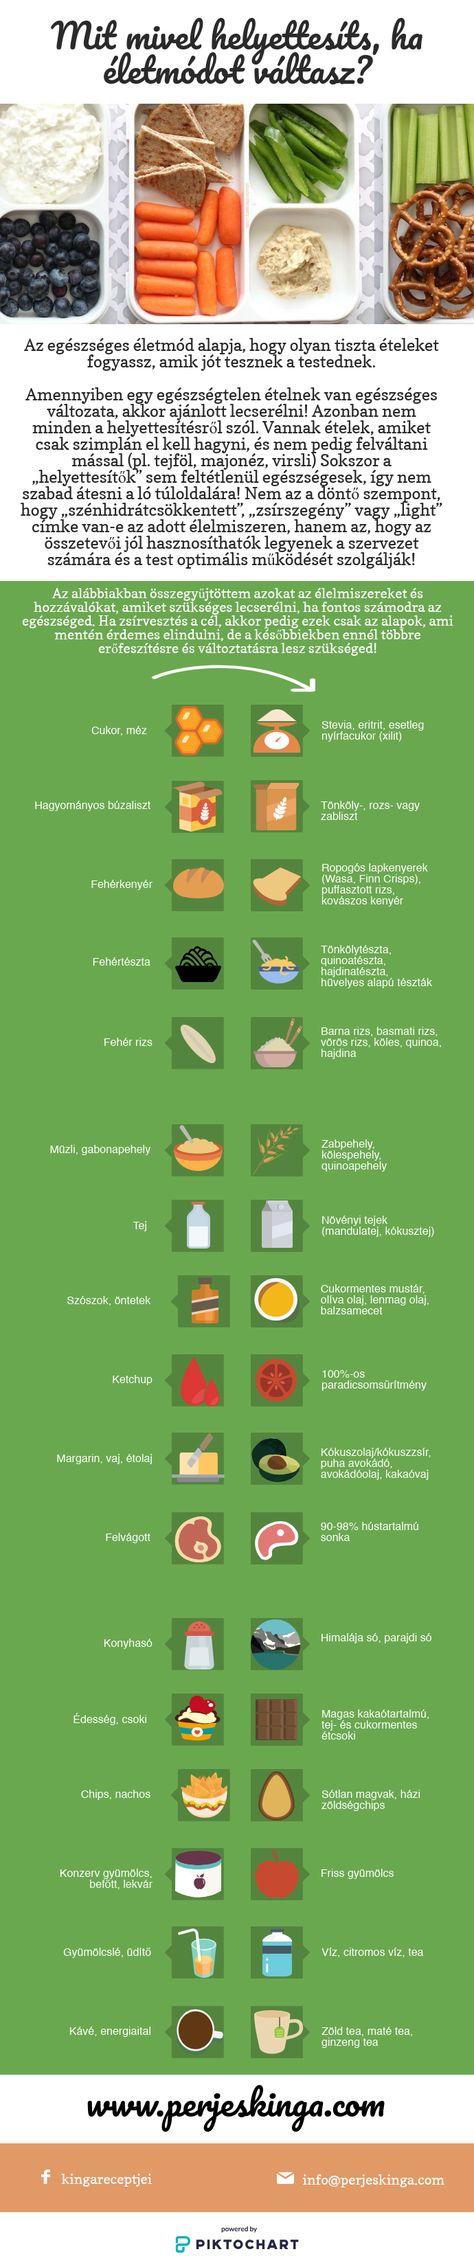 Mennyit lehet fogyni egy hónap alatt? Mondjuk, mi az egészséges maximum - Fogyókúra | Femina